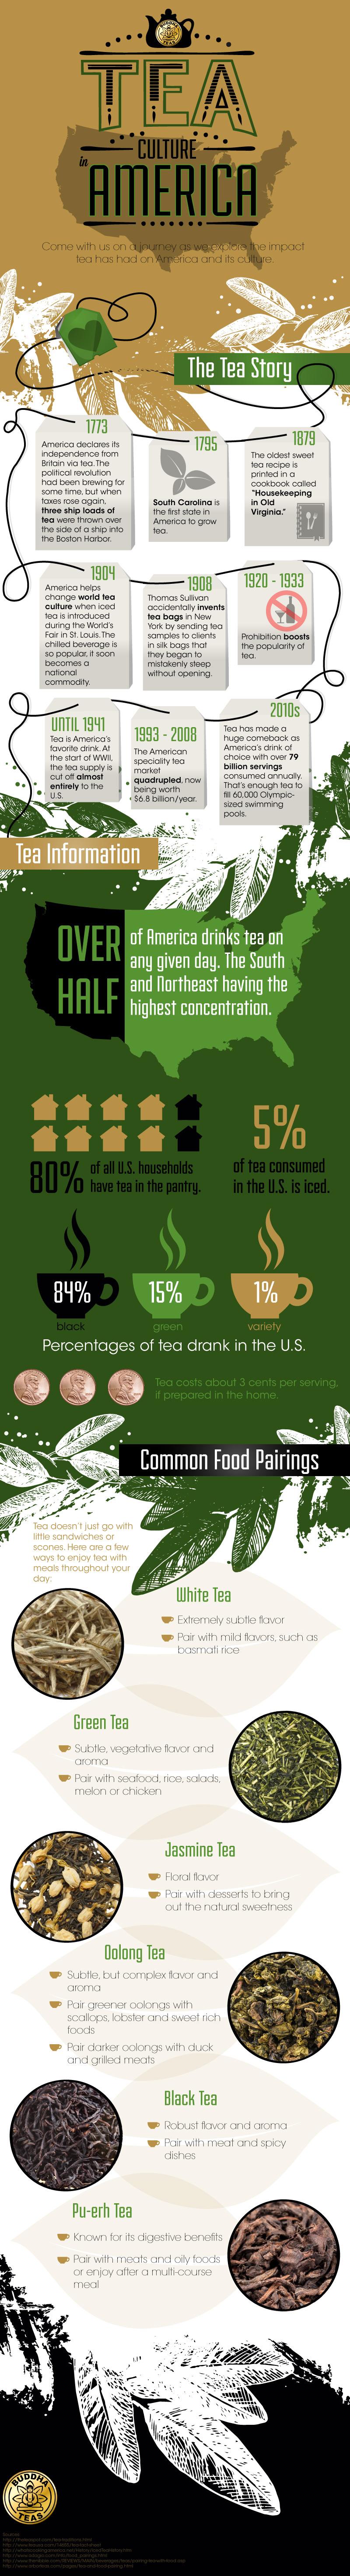 Tea Culture in America